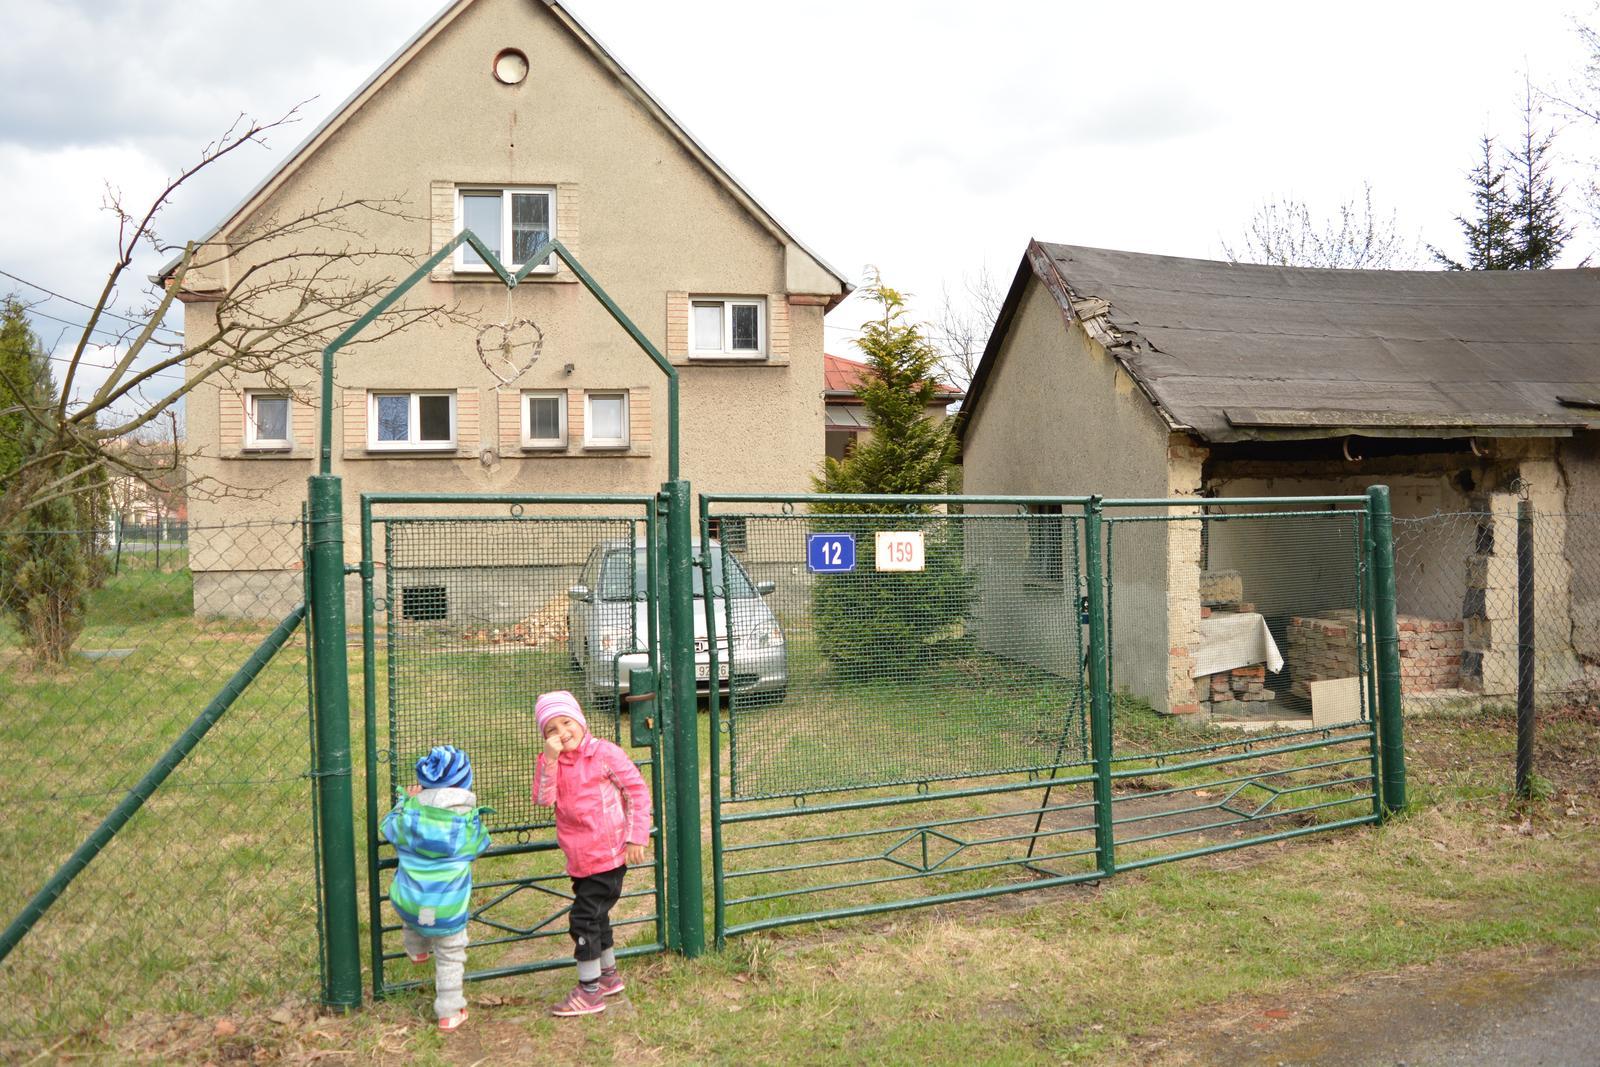 Náš nový domov ... - Brána oživena ... miluju, když se starým věcem vrací život ...